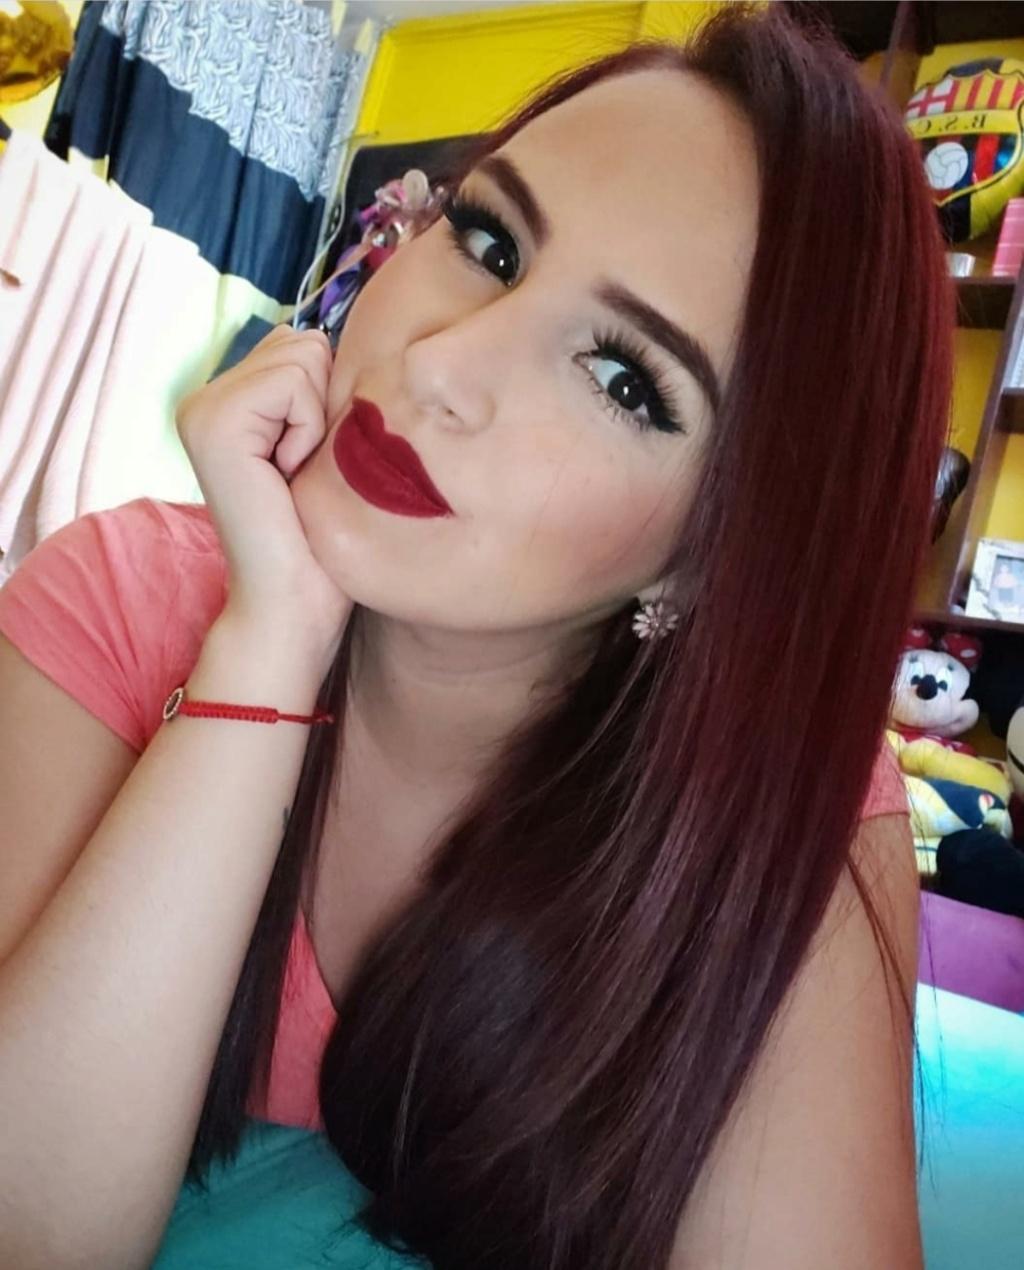 DEBATE sobre belleza, guapura y hermosura (fotos de chicas latinas, mestizas, y de todo) - VOL II - Página 7 Img_2368